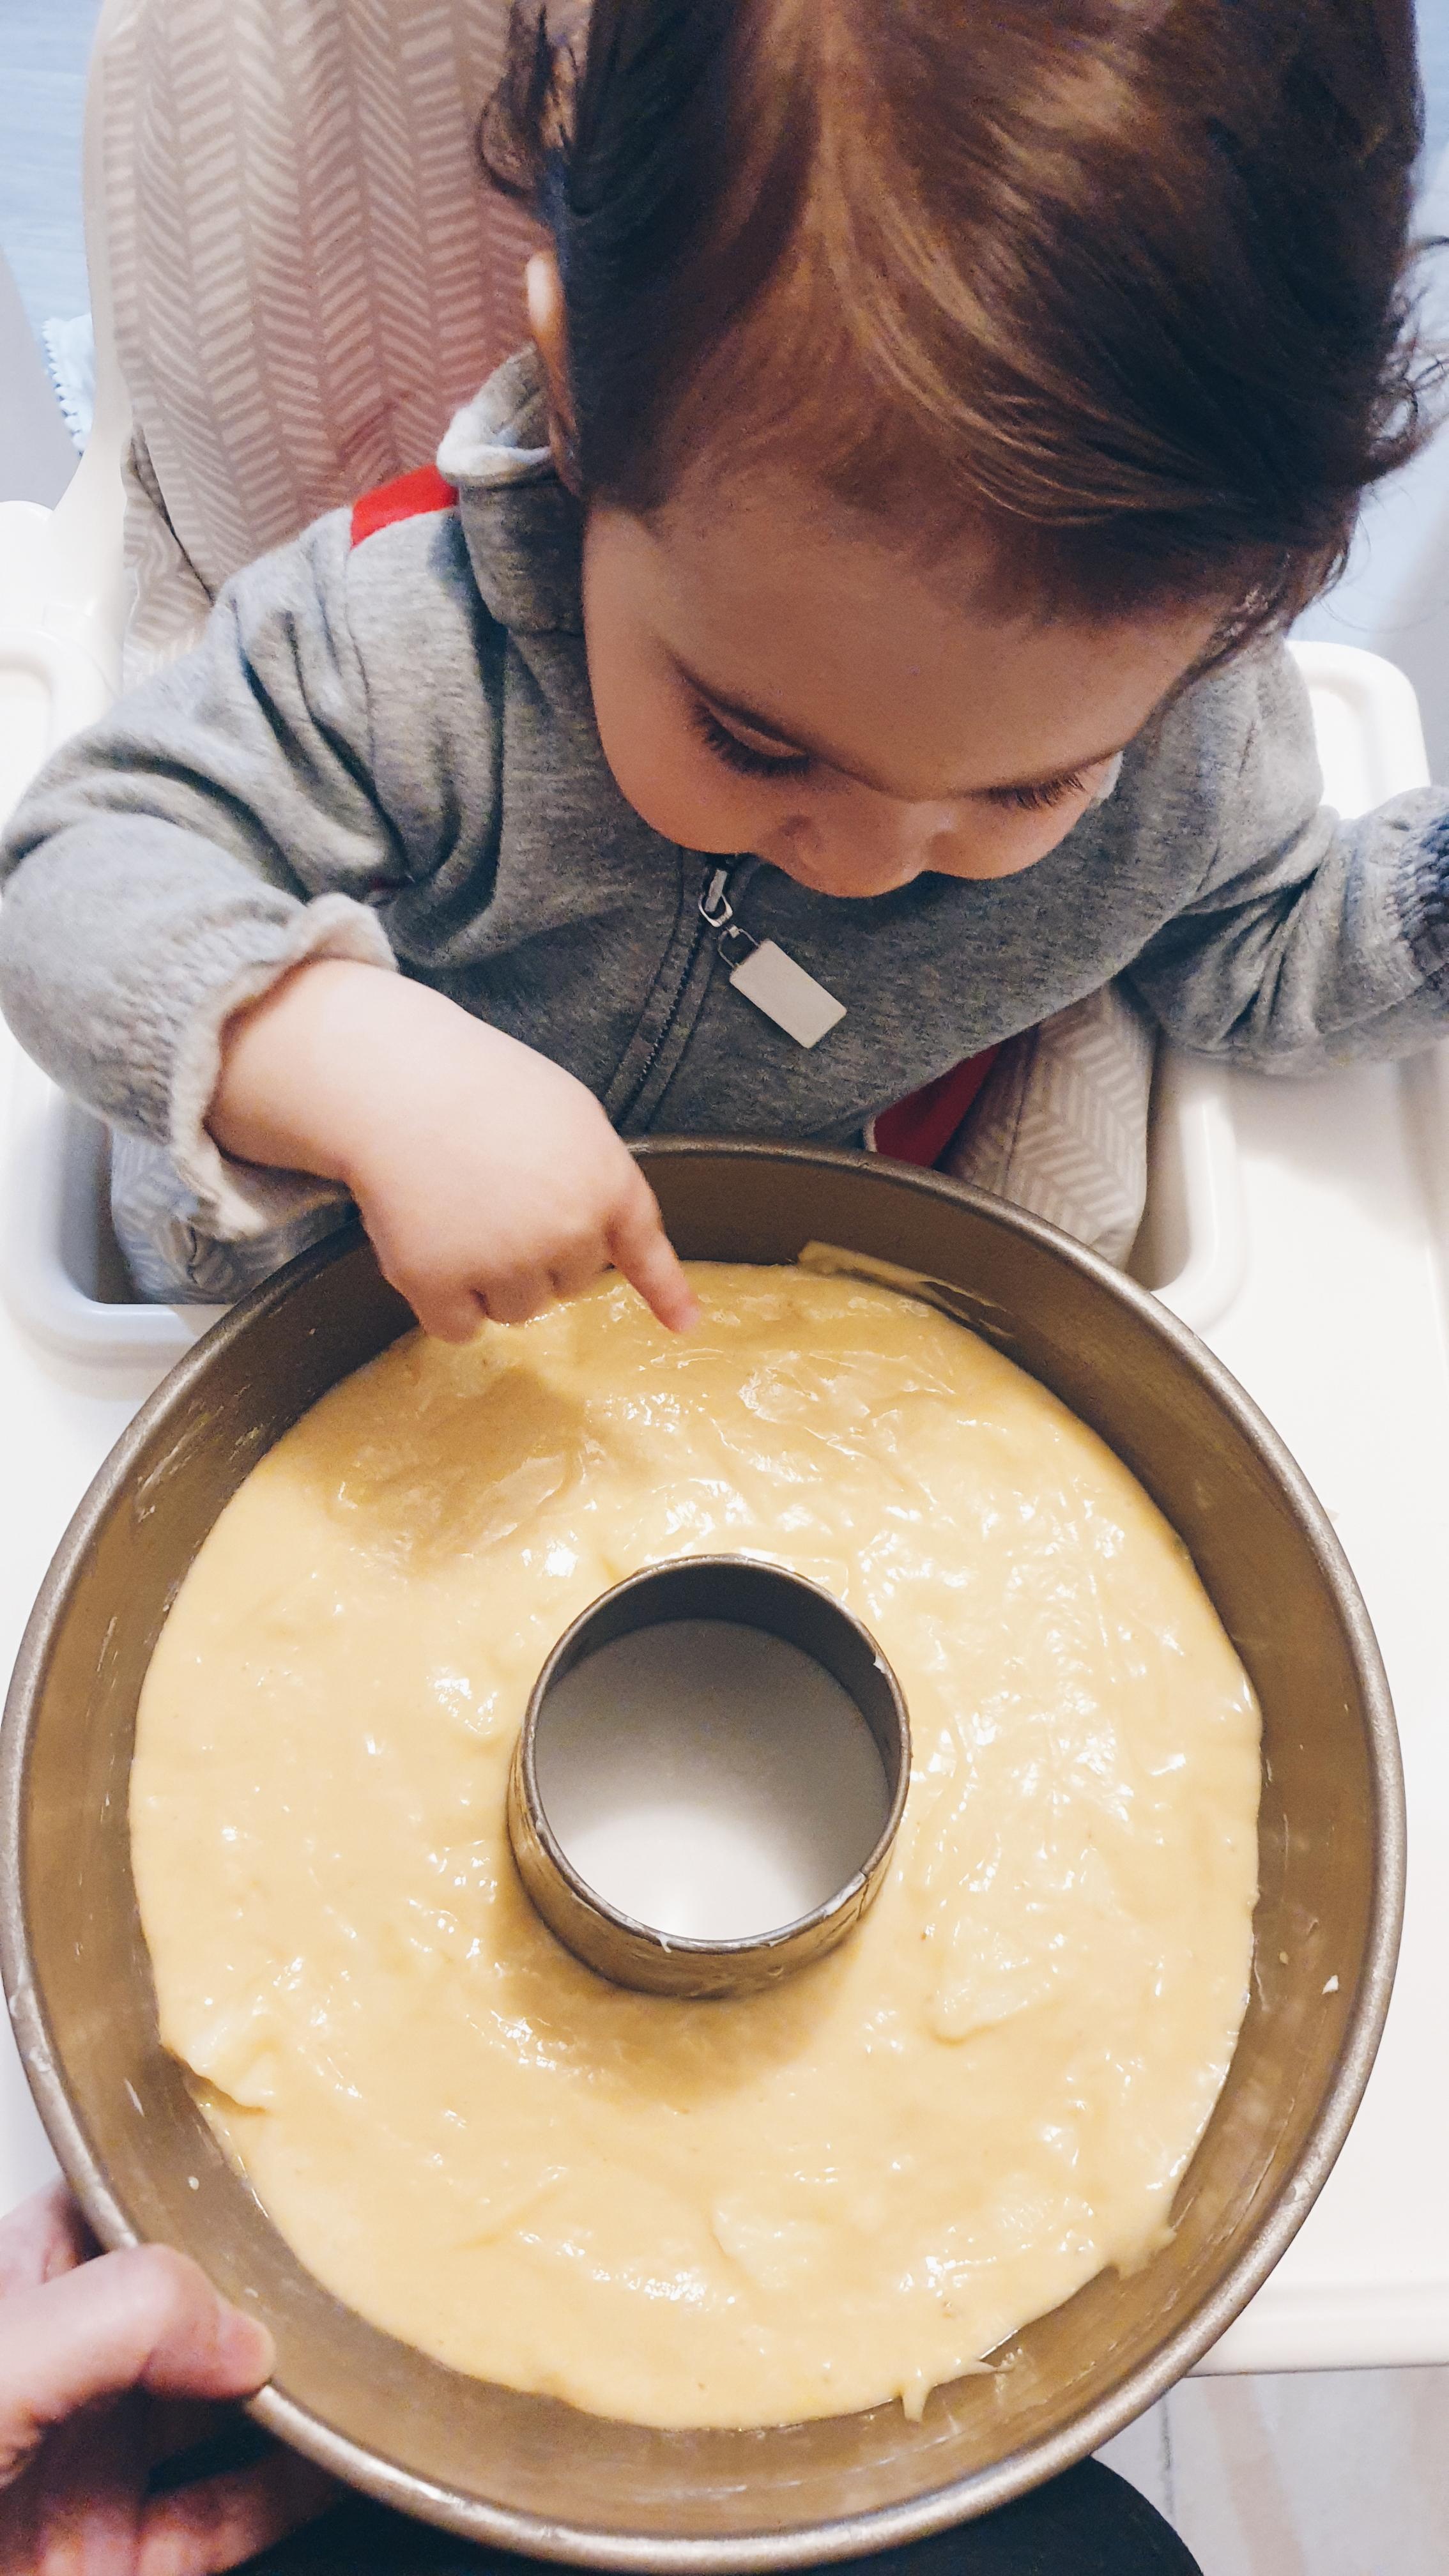 CIAMBELLAyogurtMELE makingOF